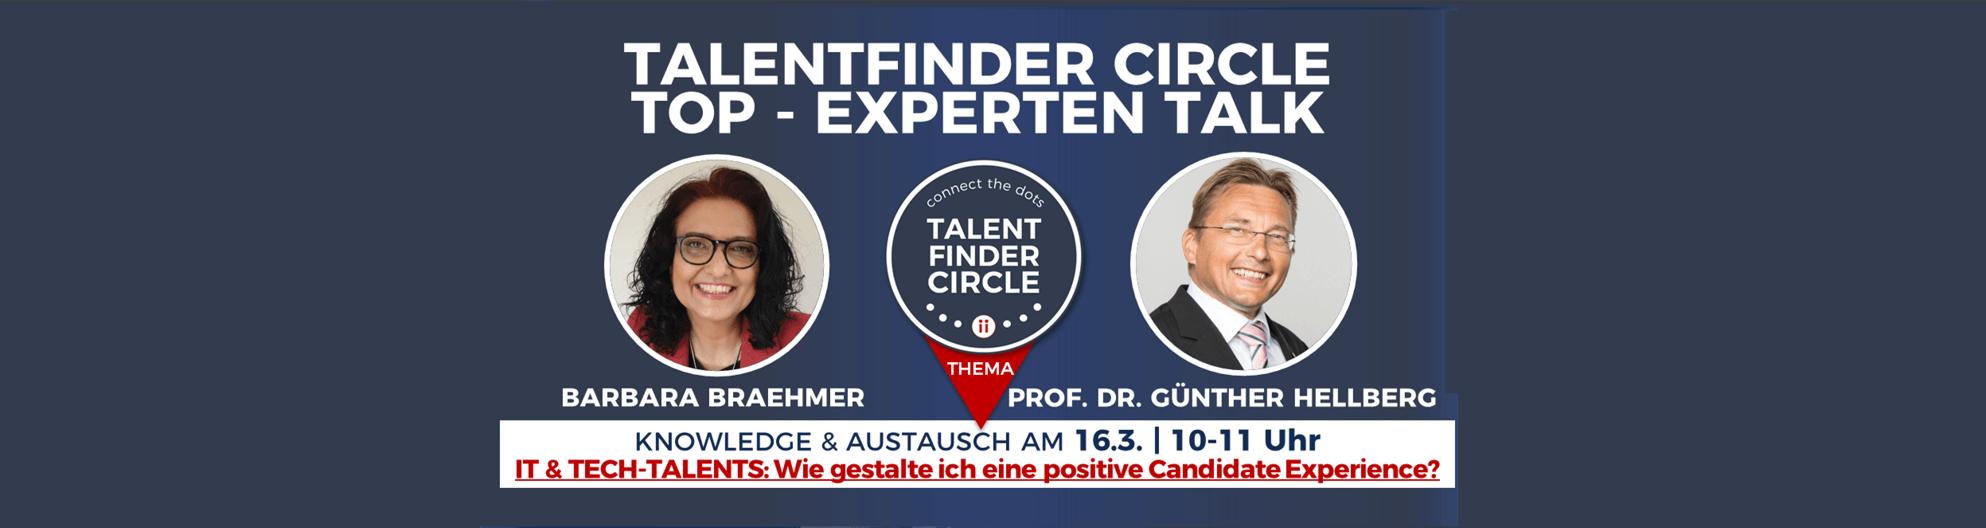 TOP-Experten Talk mit Prof Guenther Hellberg - TFC -20210316- HEADER